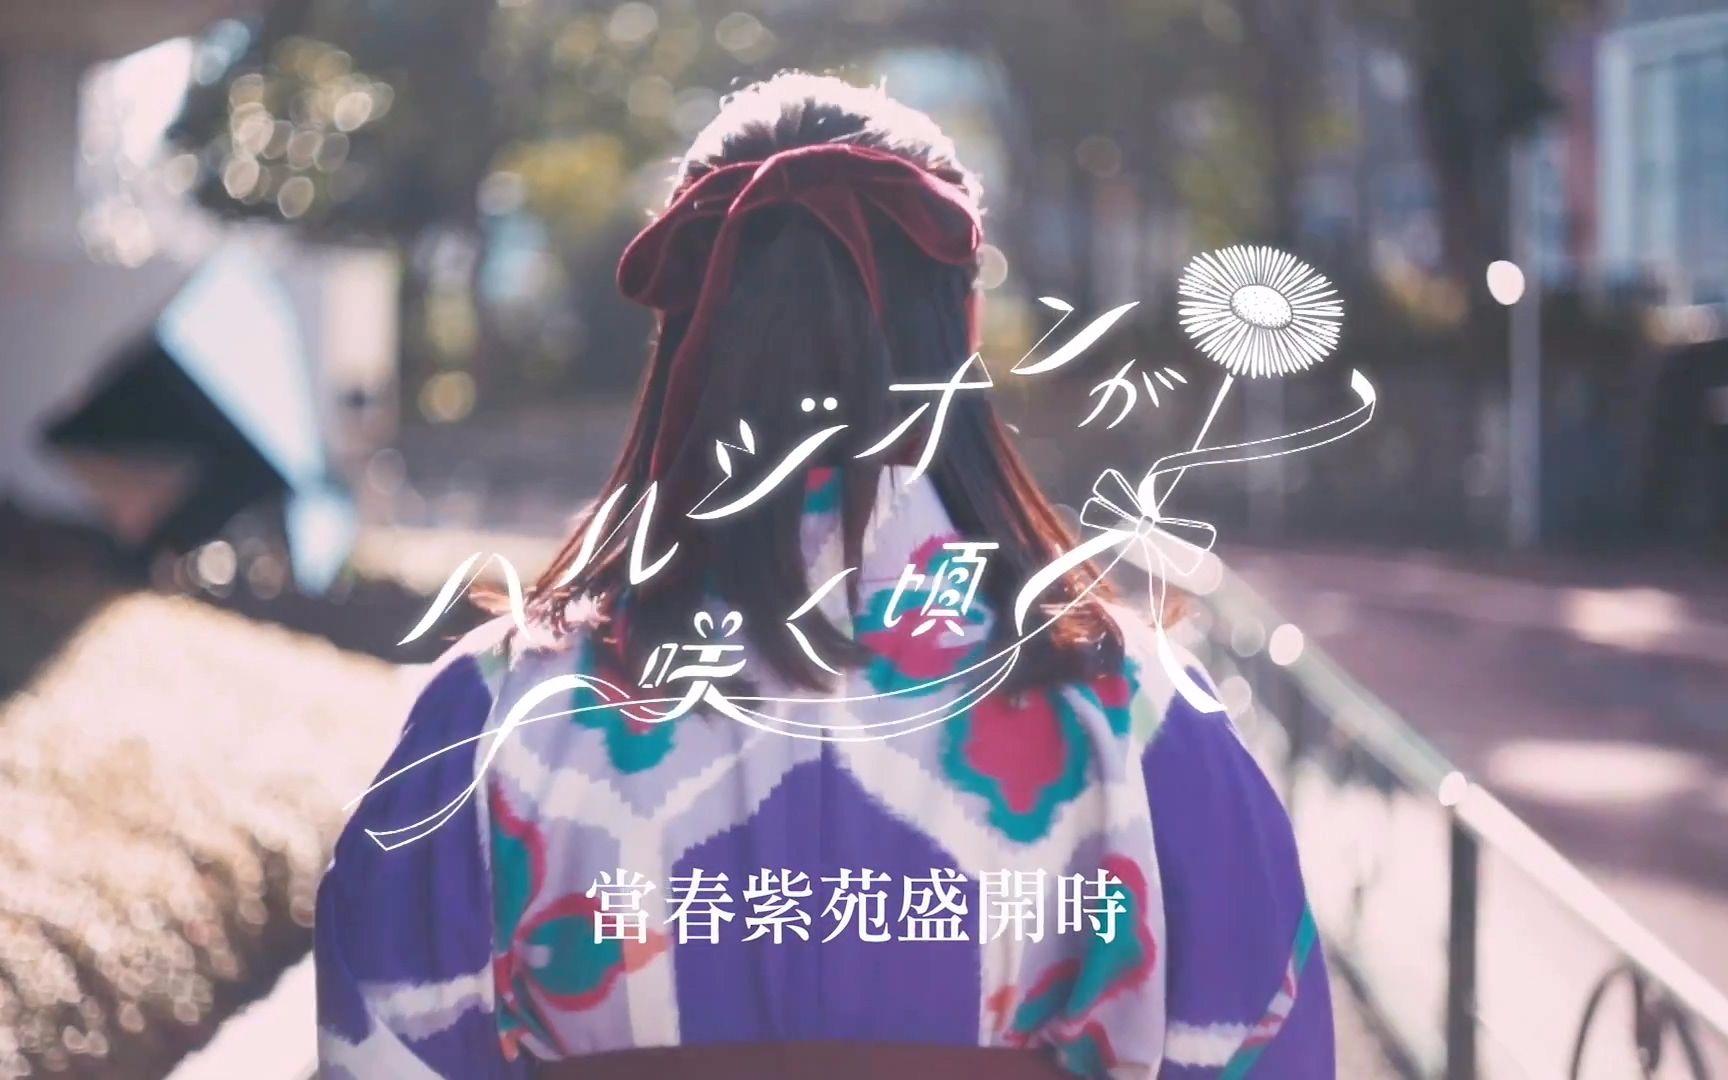 【乃木坂46】当春紫苑盛开时 - sony music官方中字